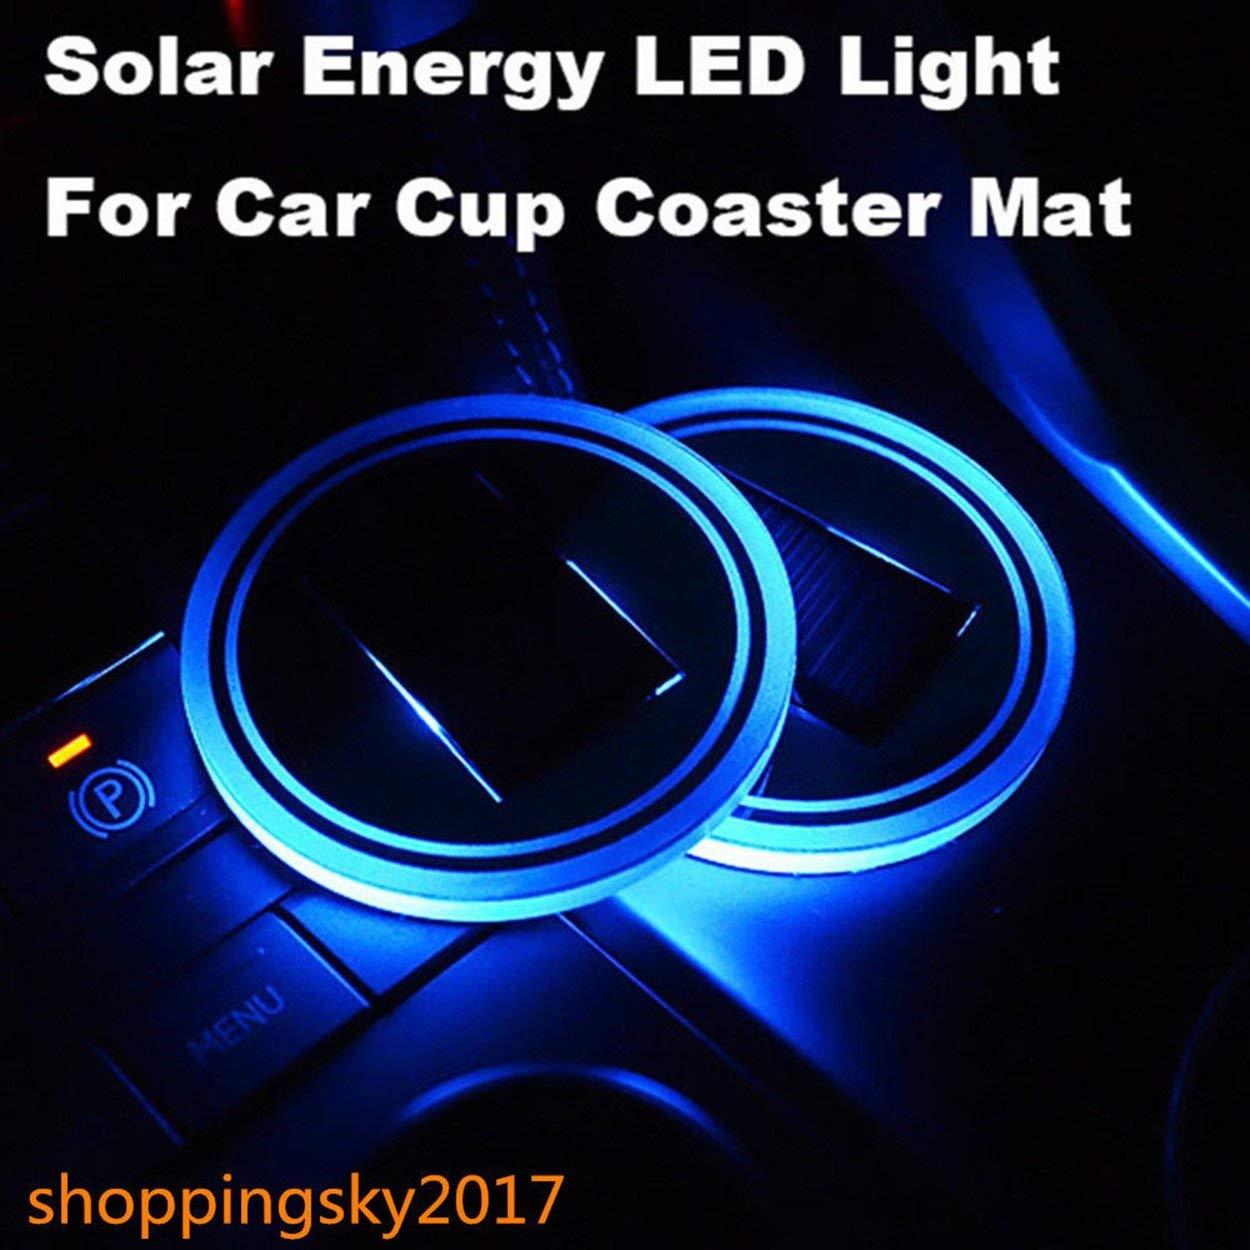 Lorenlli Universel solaire LED support de tasse de voiture tapis anti-d/érapant pad /étanche bouteille boit la lampe datmosph/ère Coaster pour voiture SUV camion